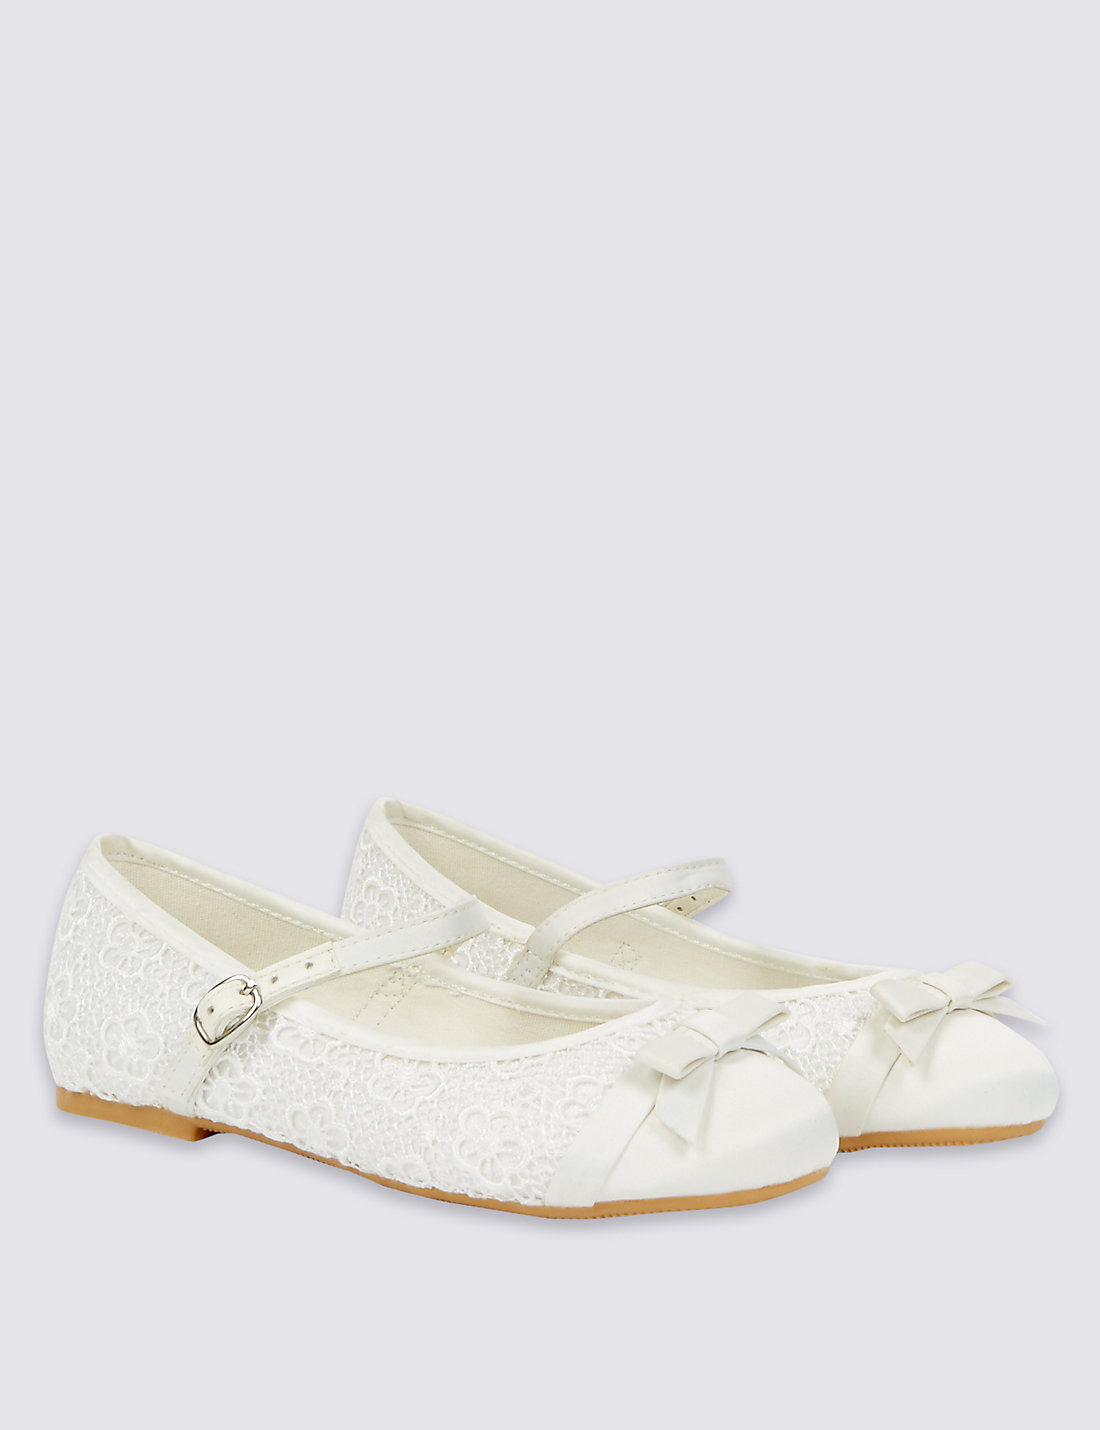 Ballerina Bridesmaid Shoes at M&S